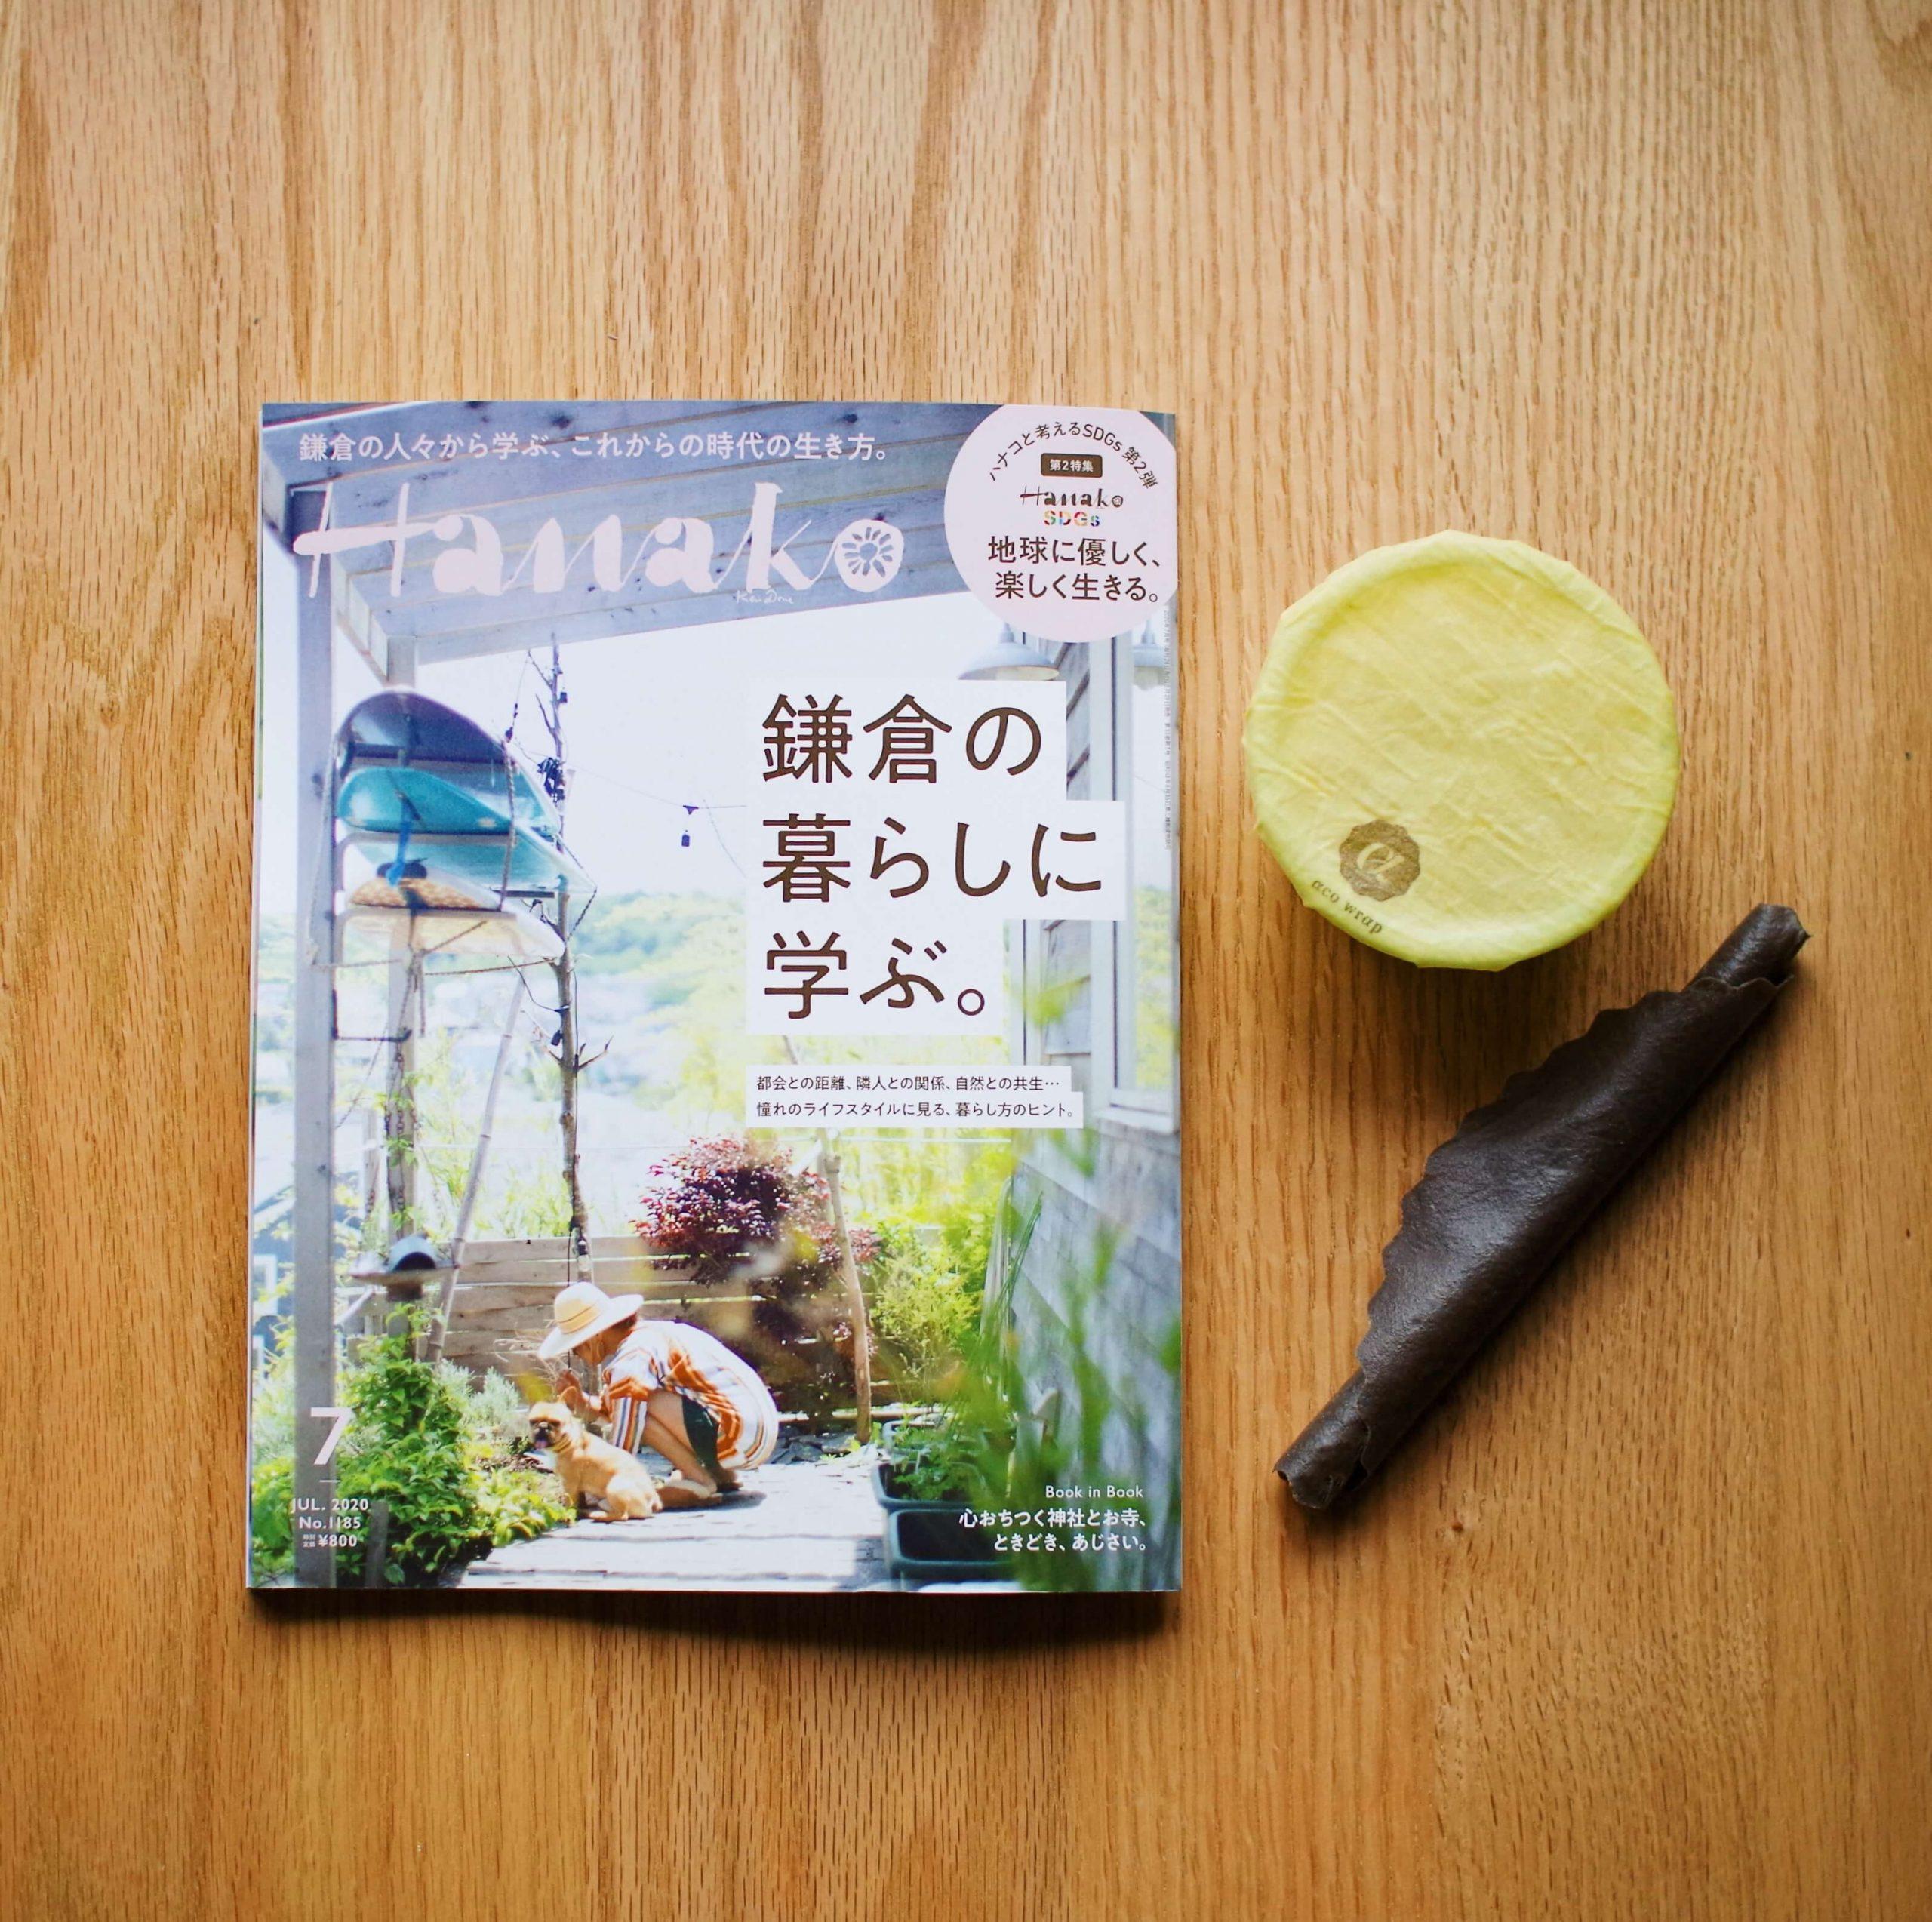 雑誌hanakoの表紙の横にあるエコラップ